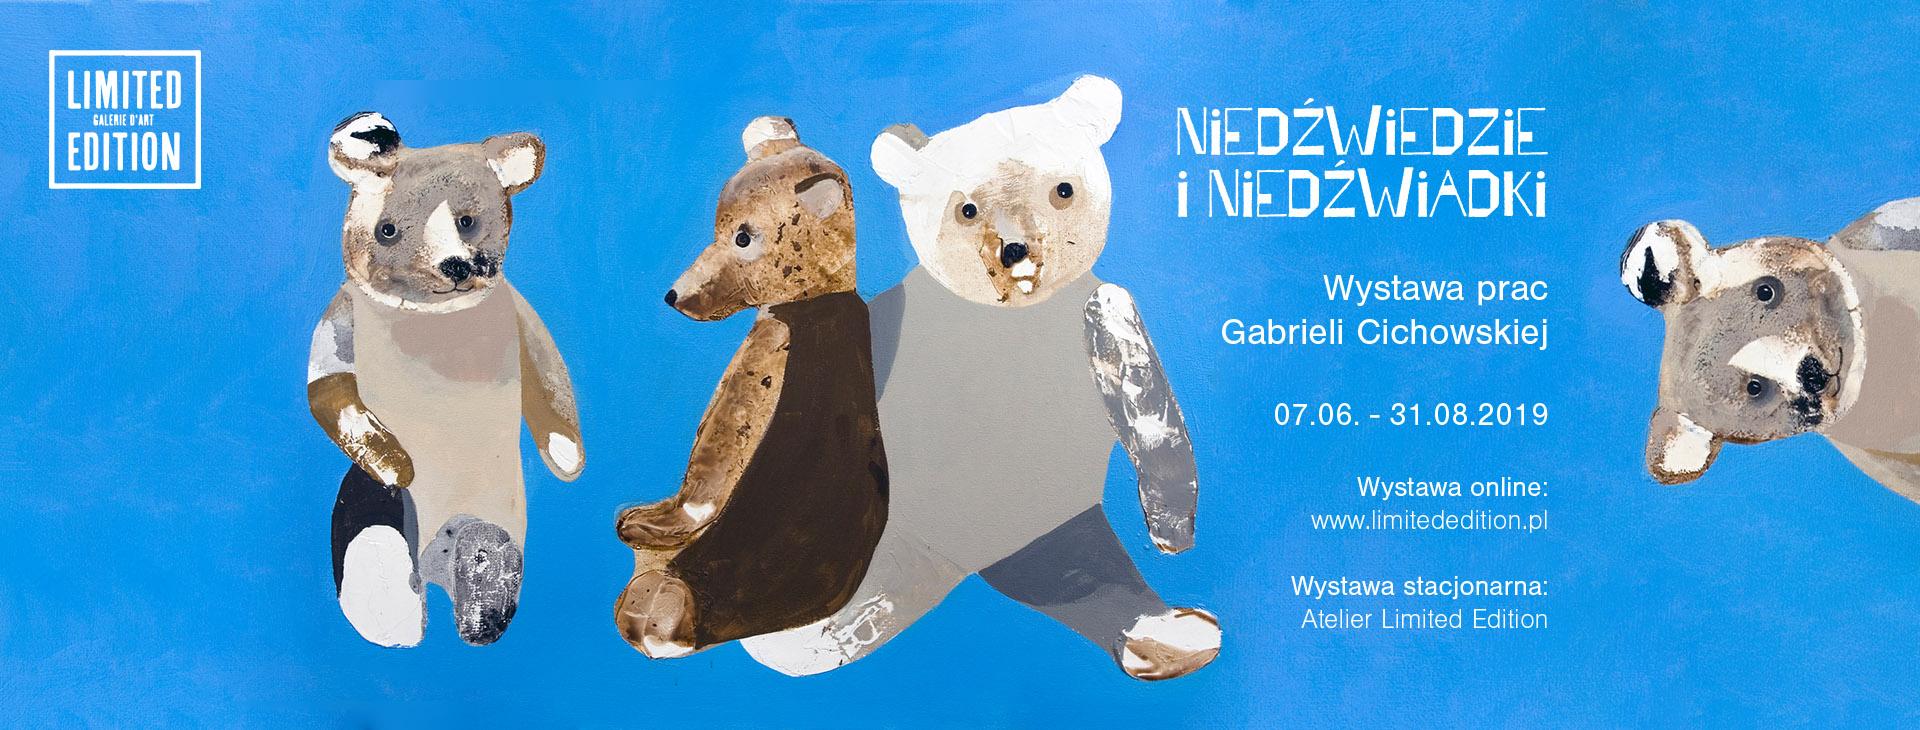 FB - cover, wystawa Niedźwiedzie i Niedźwiadki